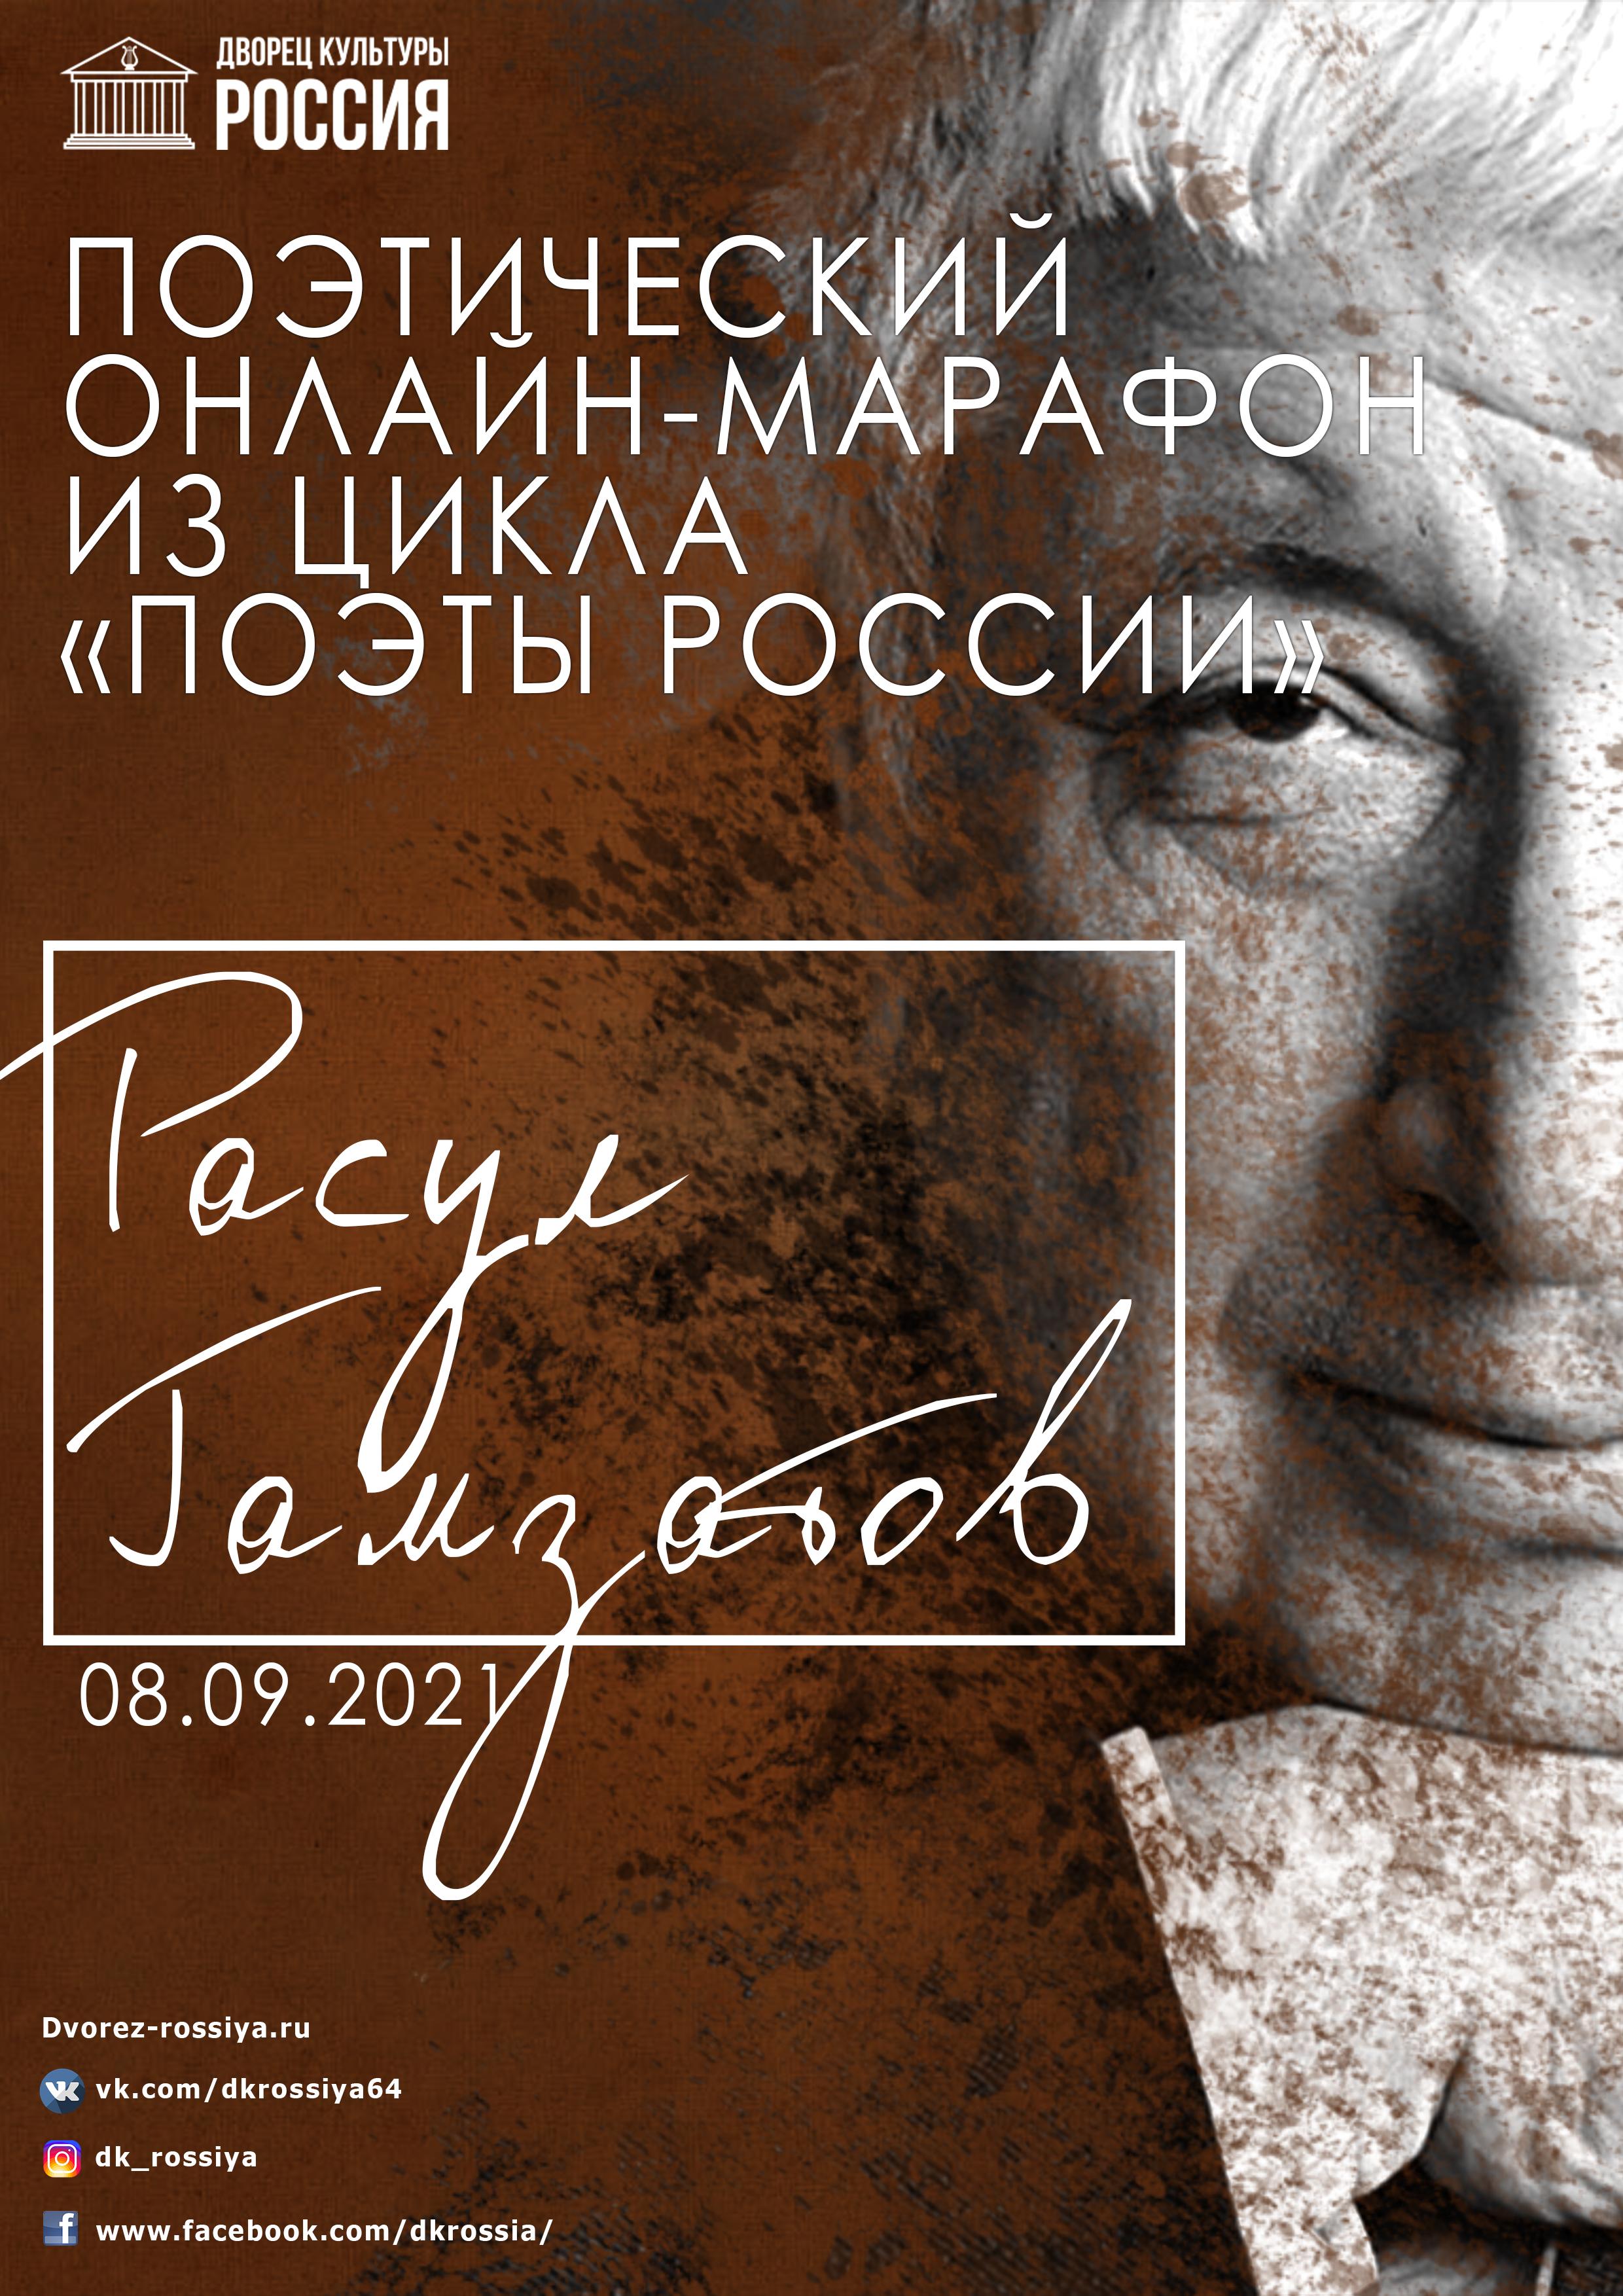 Поэтический марафон «Поэзия Р. Г. Гамзатова»